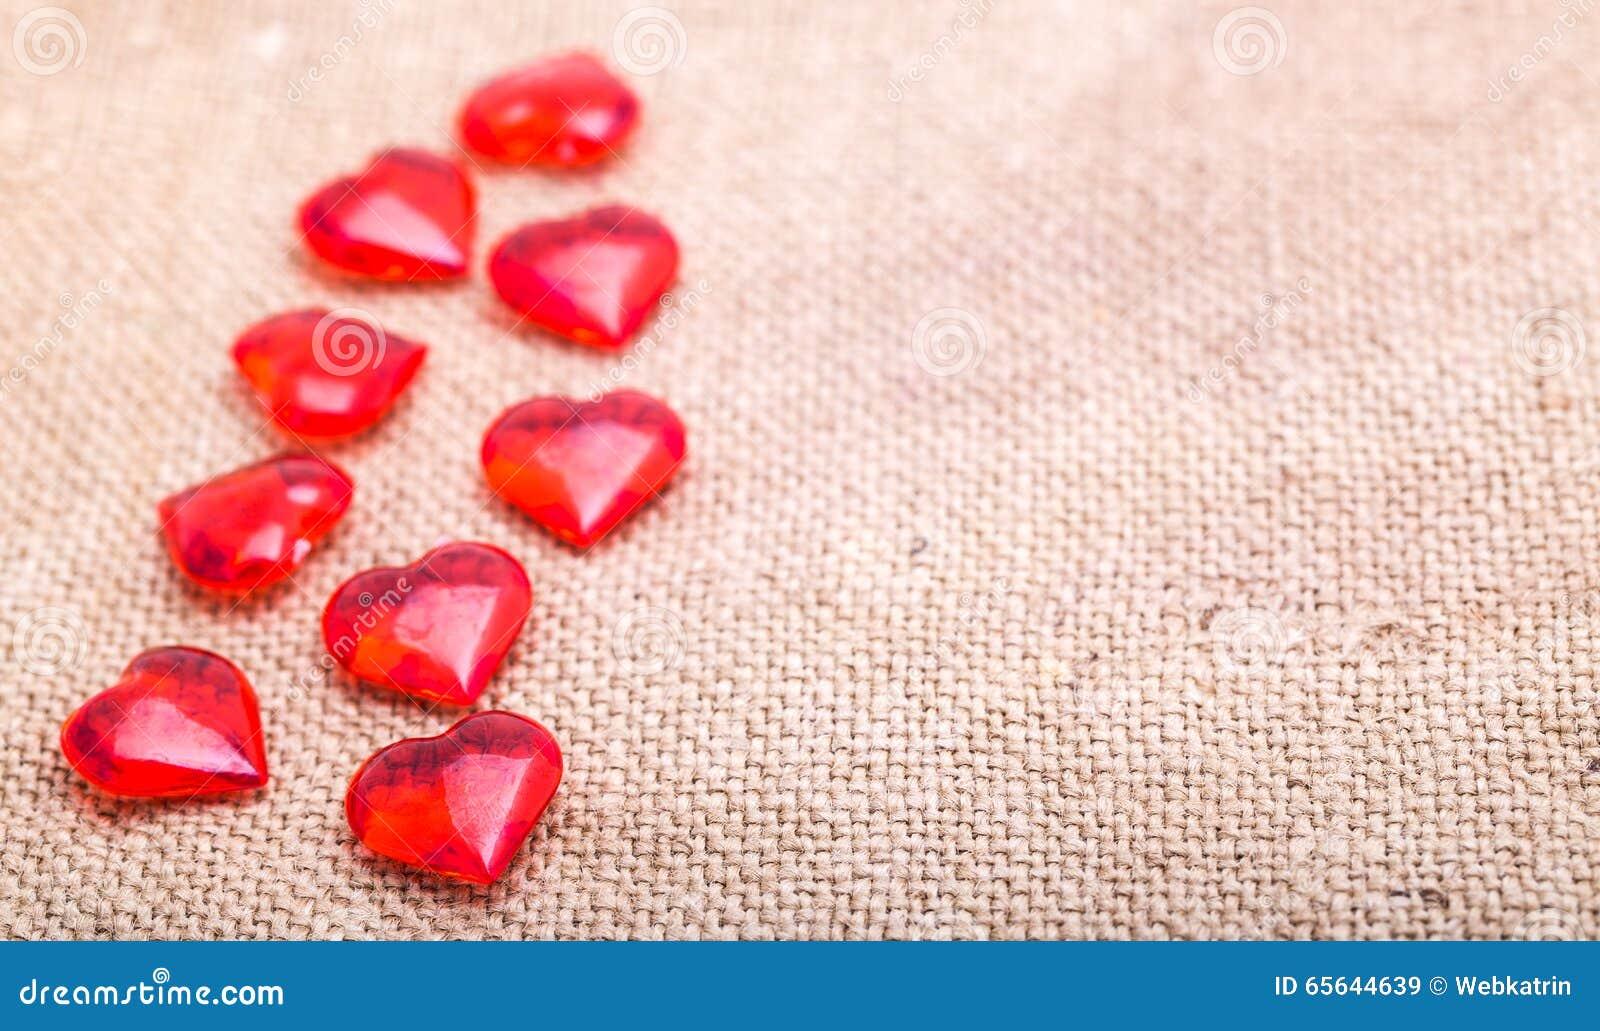 Les coeurs en verre rouges se trouvent sur une serviette de renvoyer